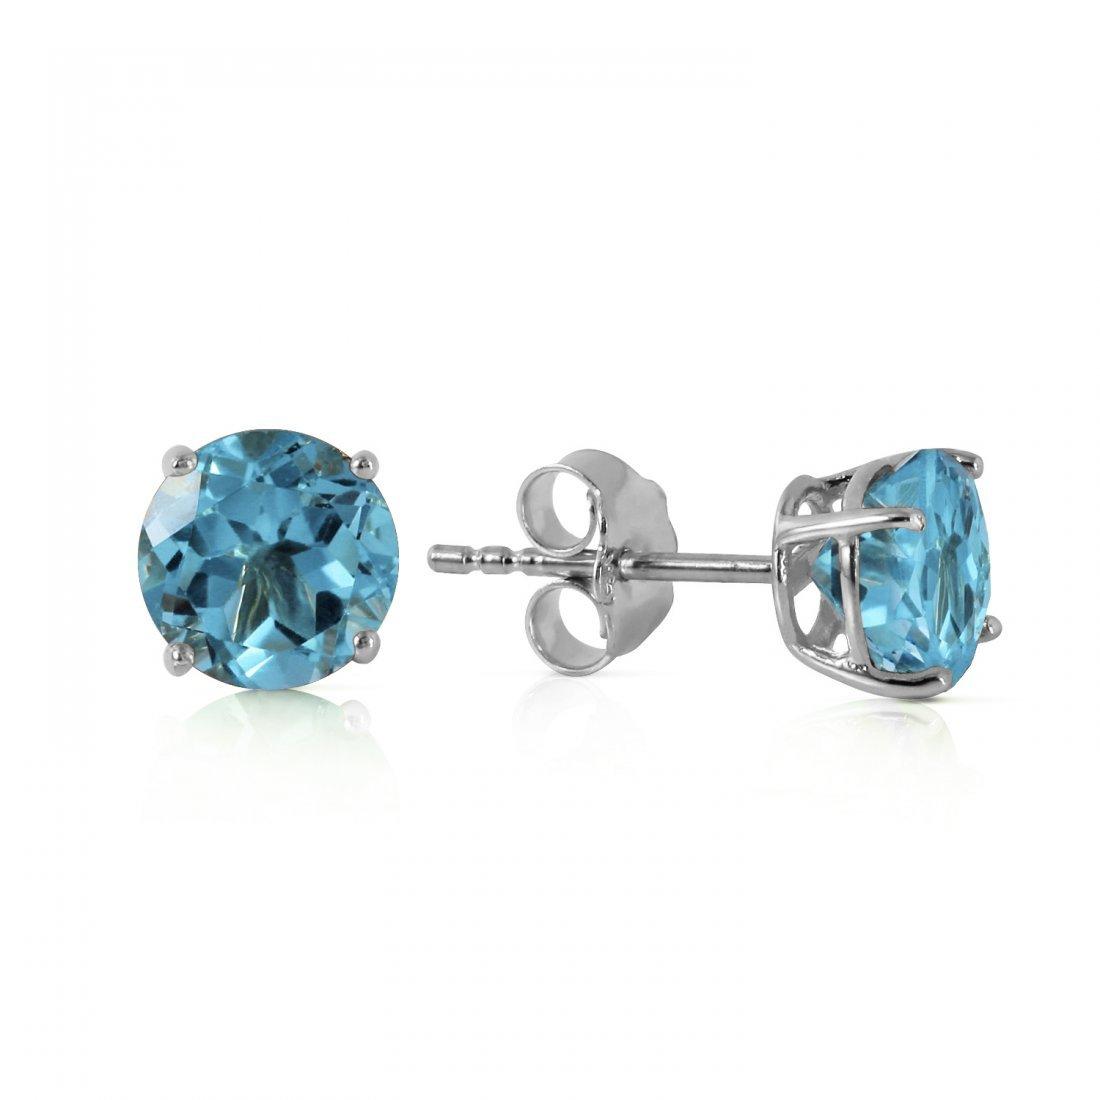 Genuine 0.95 ctw Blue Topaz Earrings Jewelry 14KT White